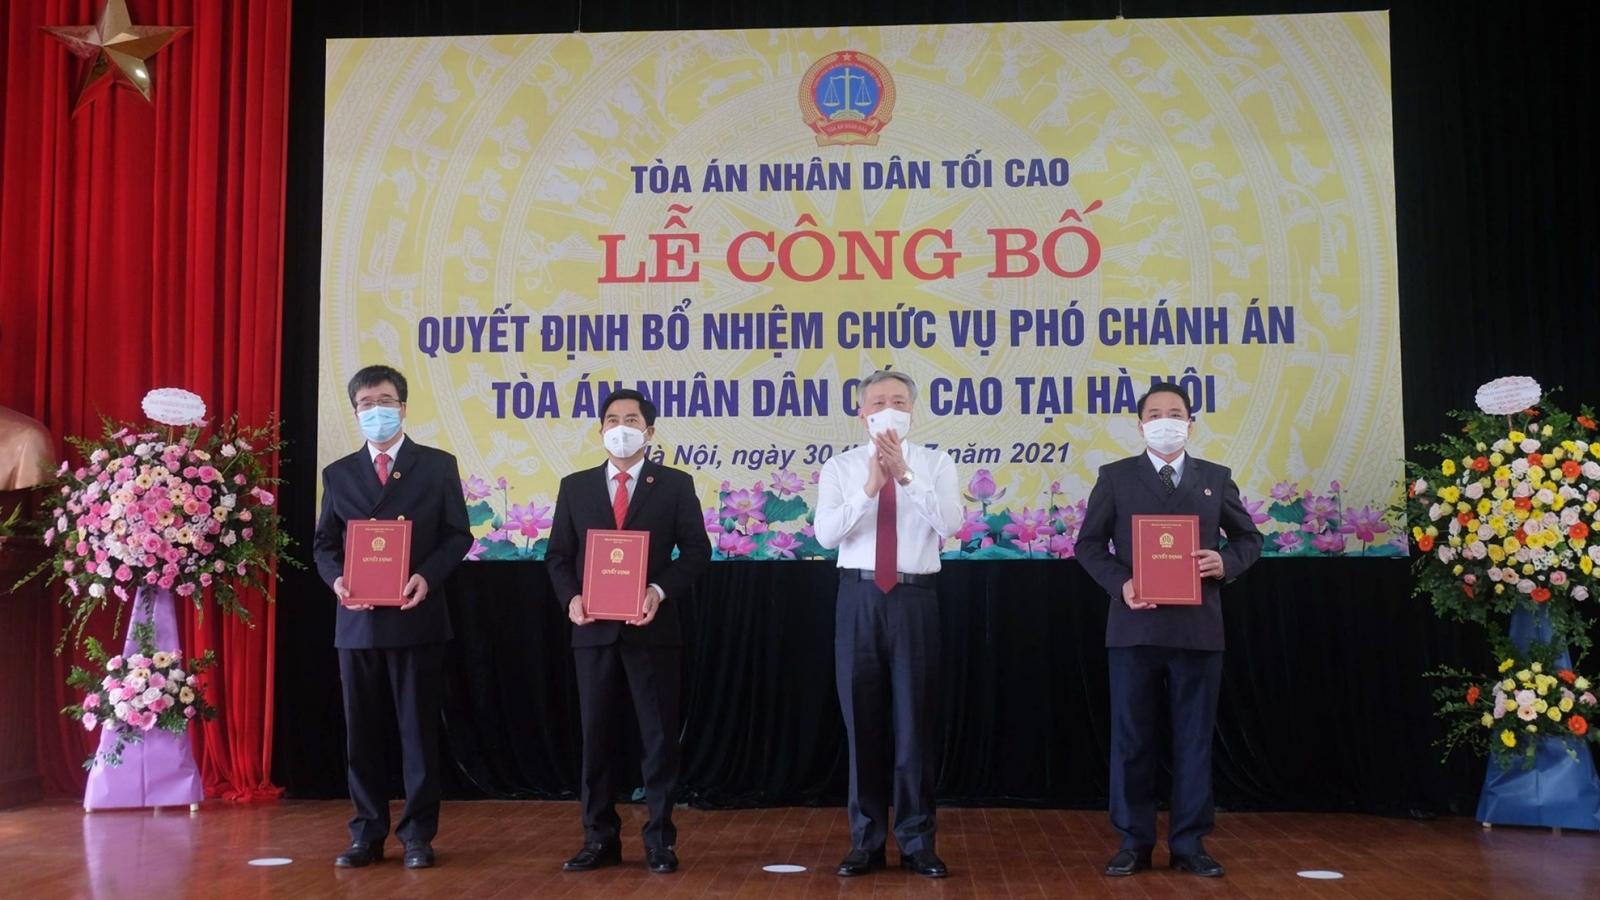 Bổ nhiệm 3 Phó Chánh án Tòa án Nhân dân Cấp cao tại Hà Nội